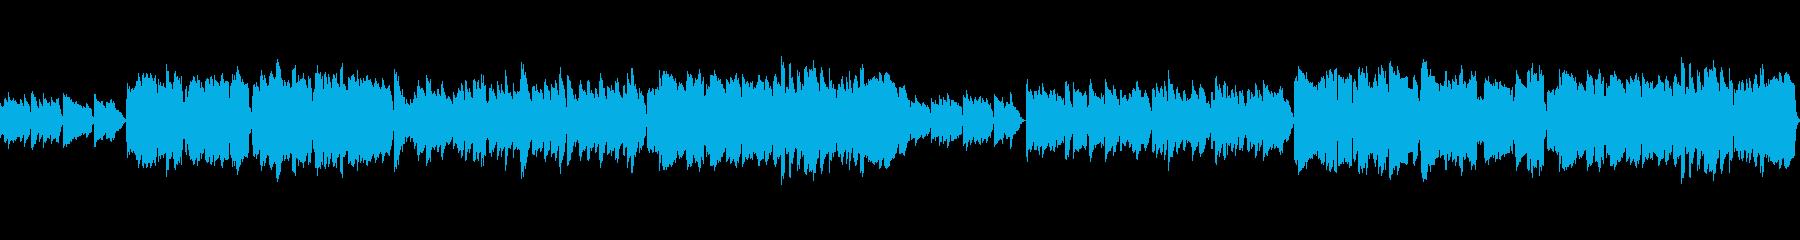 アコギとオーボエの穏やかな日常の曲の再生済みの波形